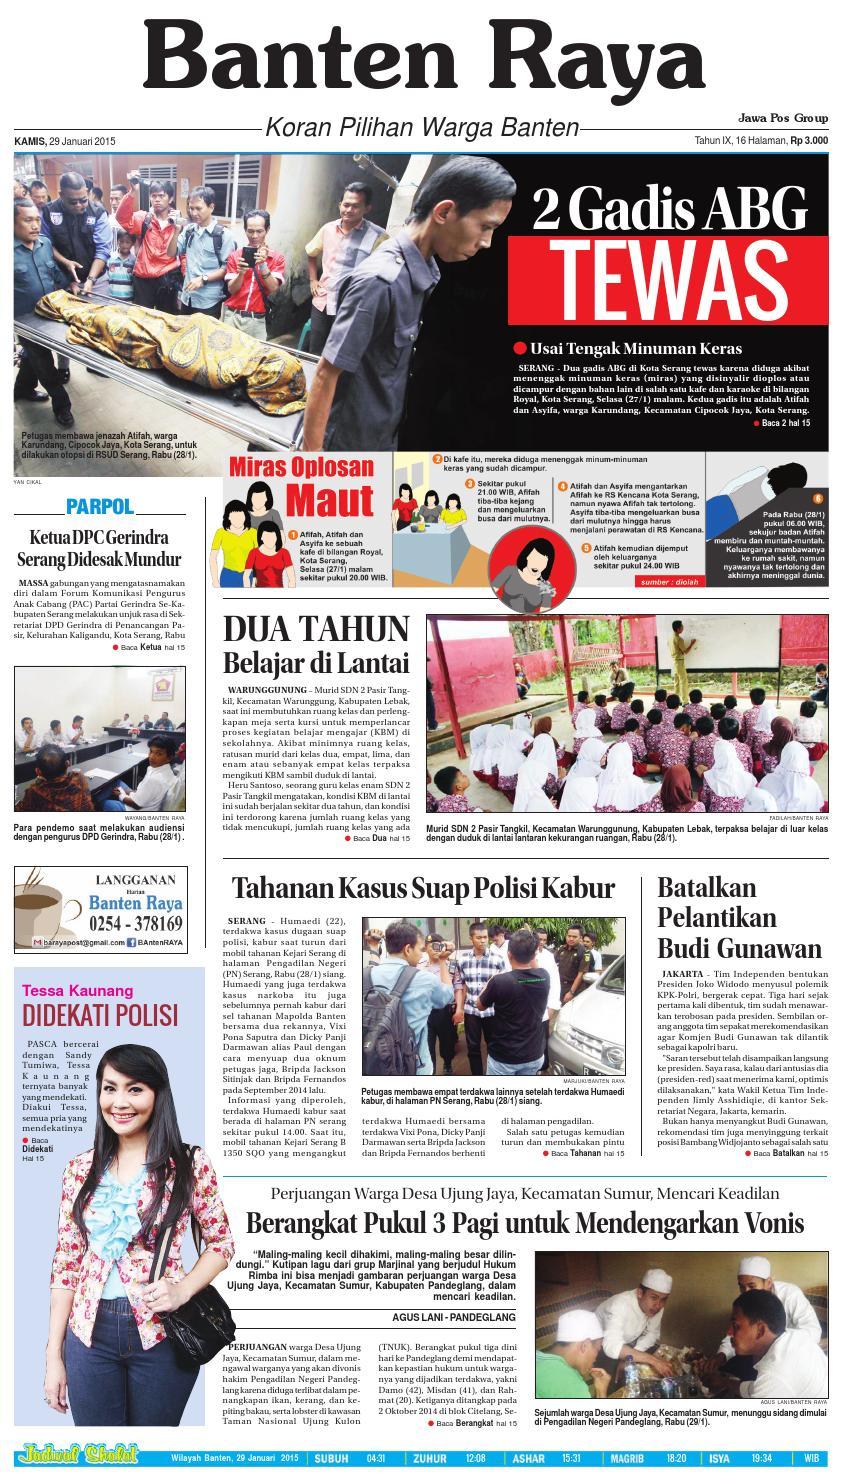 Banten Raya By Issuu Produk Ukm Bumn Cemilan Jagung Emping Isi 3